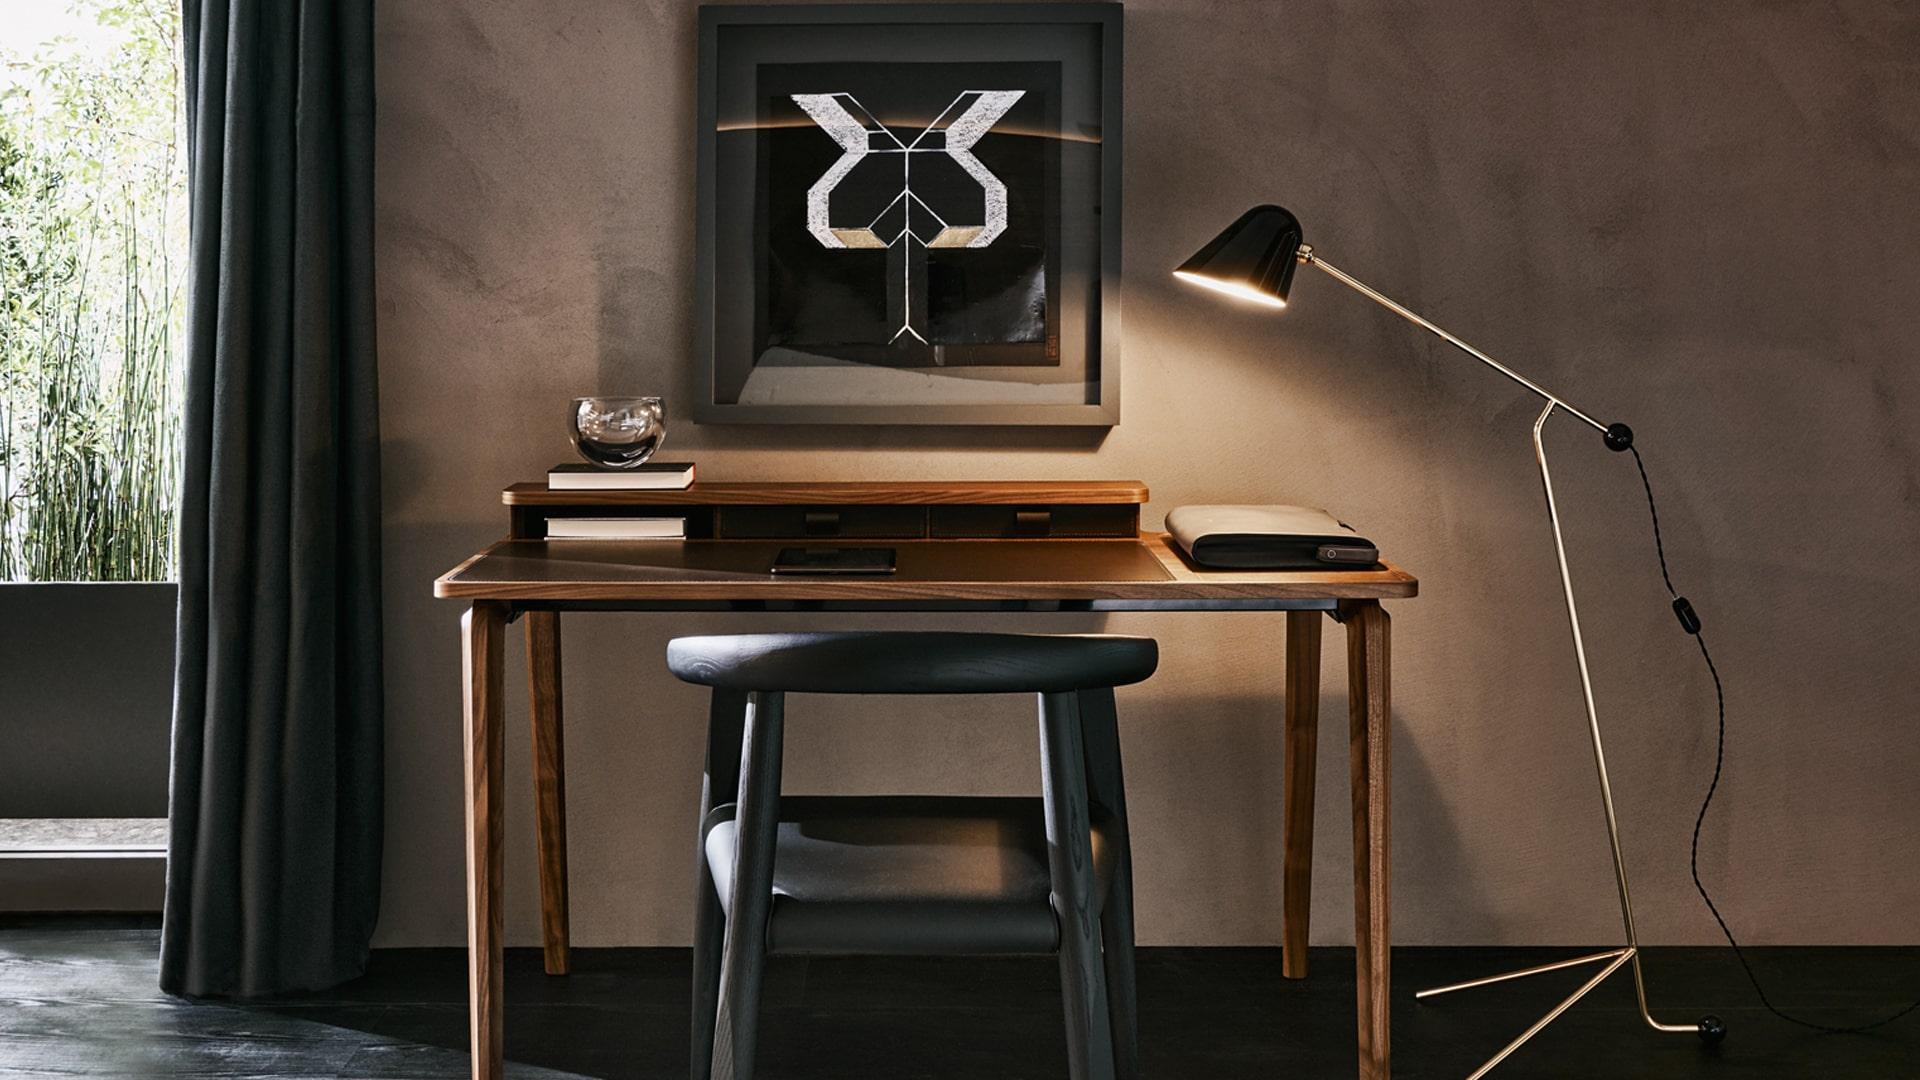 design-progettazione-mobili-lusso-scrivanie-interni-arredamento-lecce-brindisi-taranto